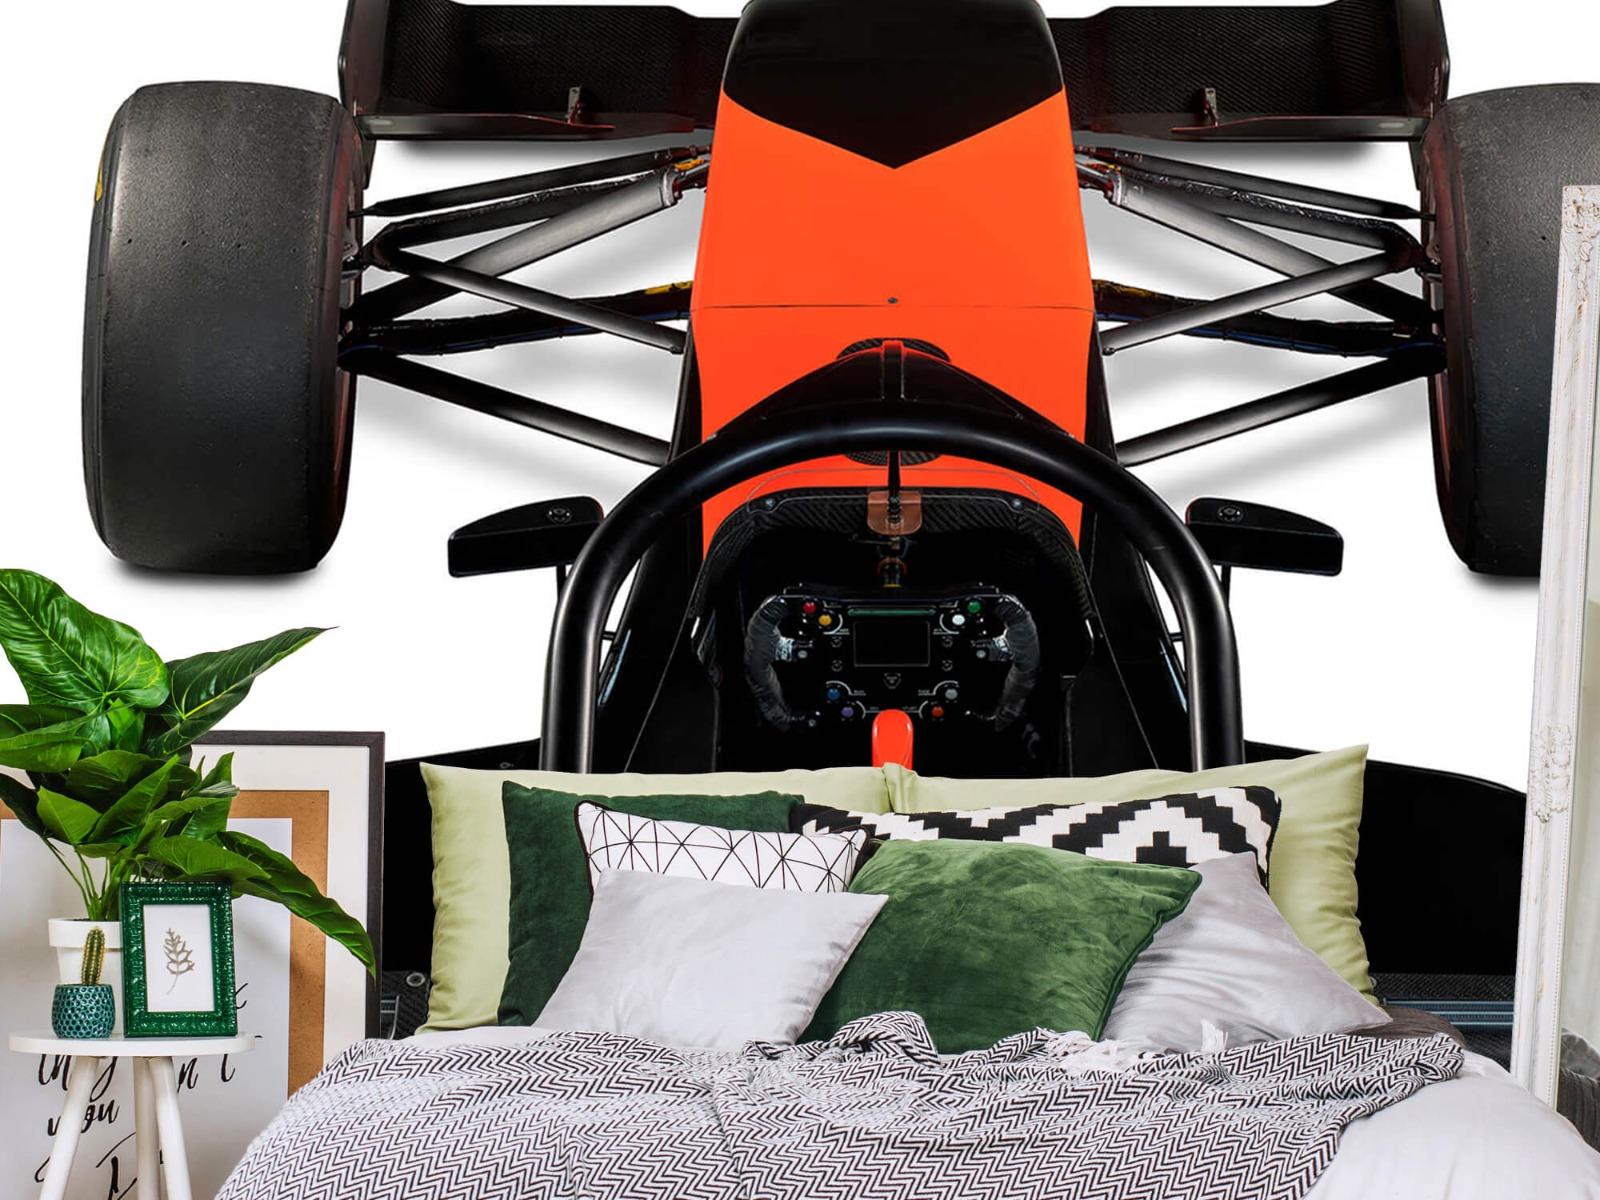 Sportauto's - Formule 3 - Cockpit view - Computerruimte 12